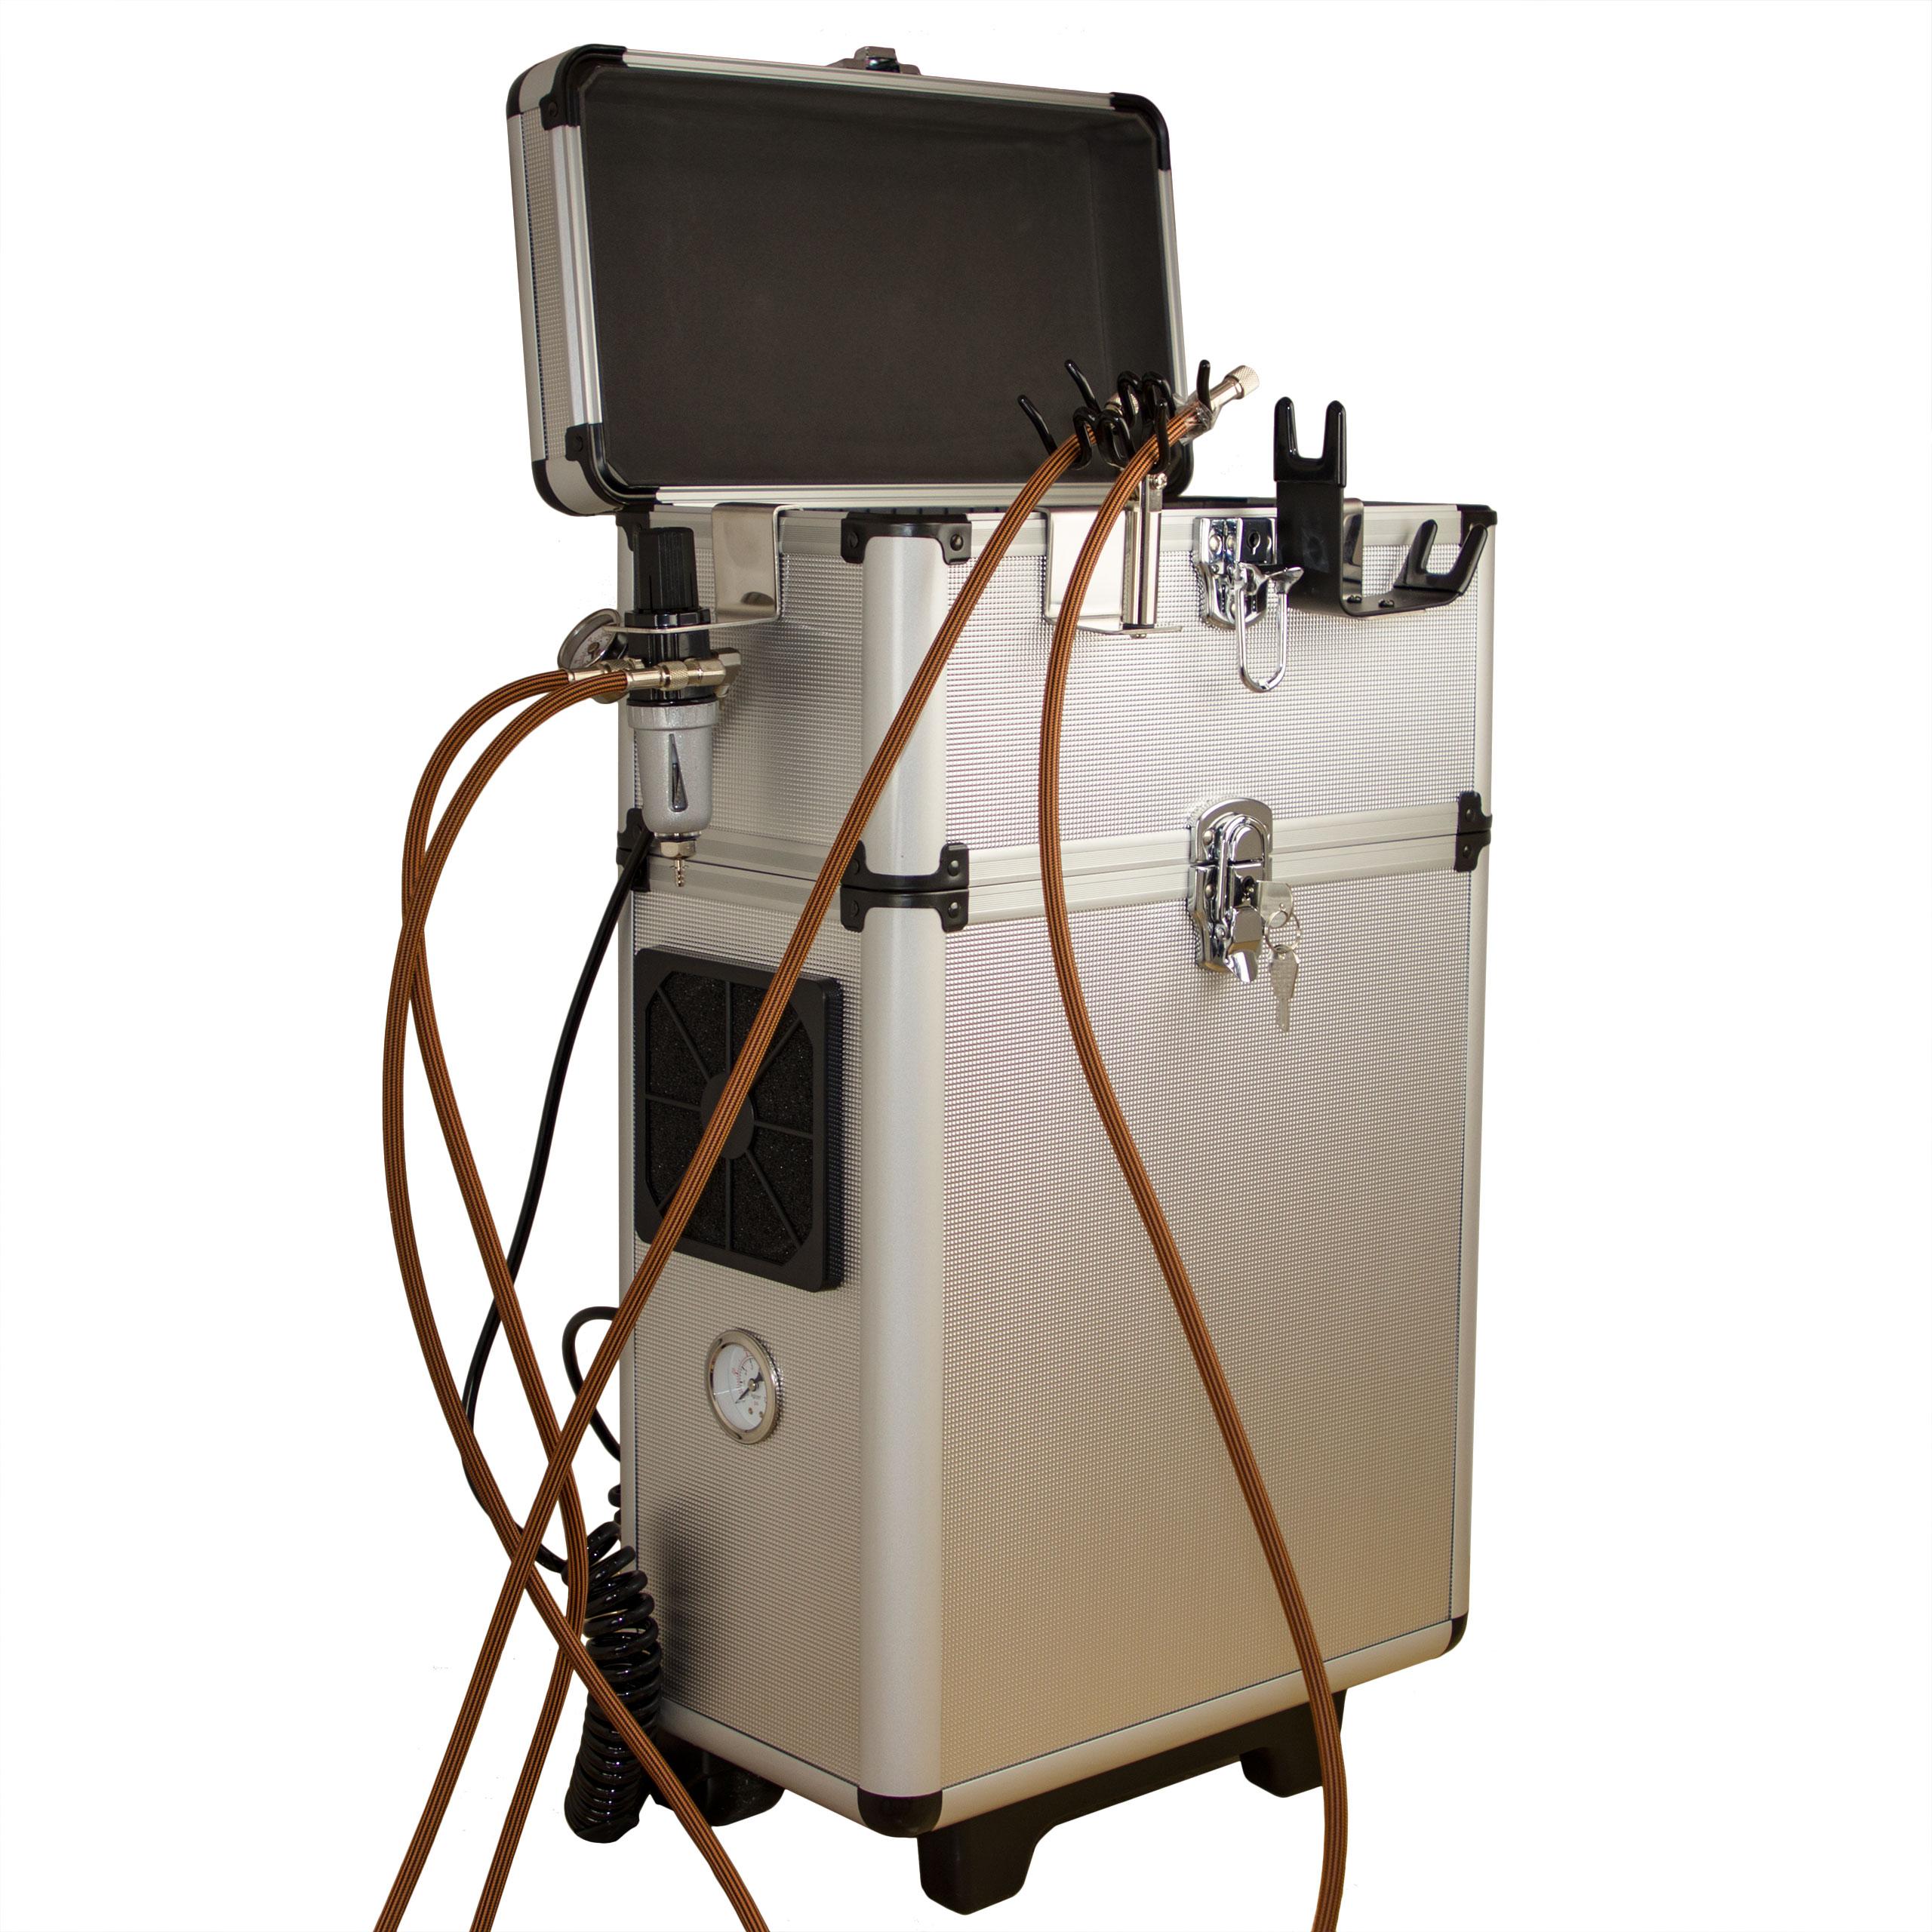 Sparmax MB-620 Airbrush Kompressor im Koffer